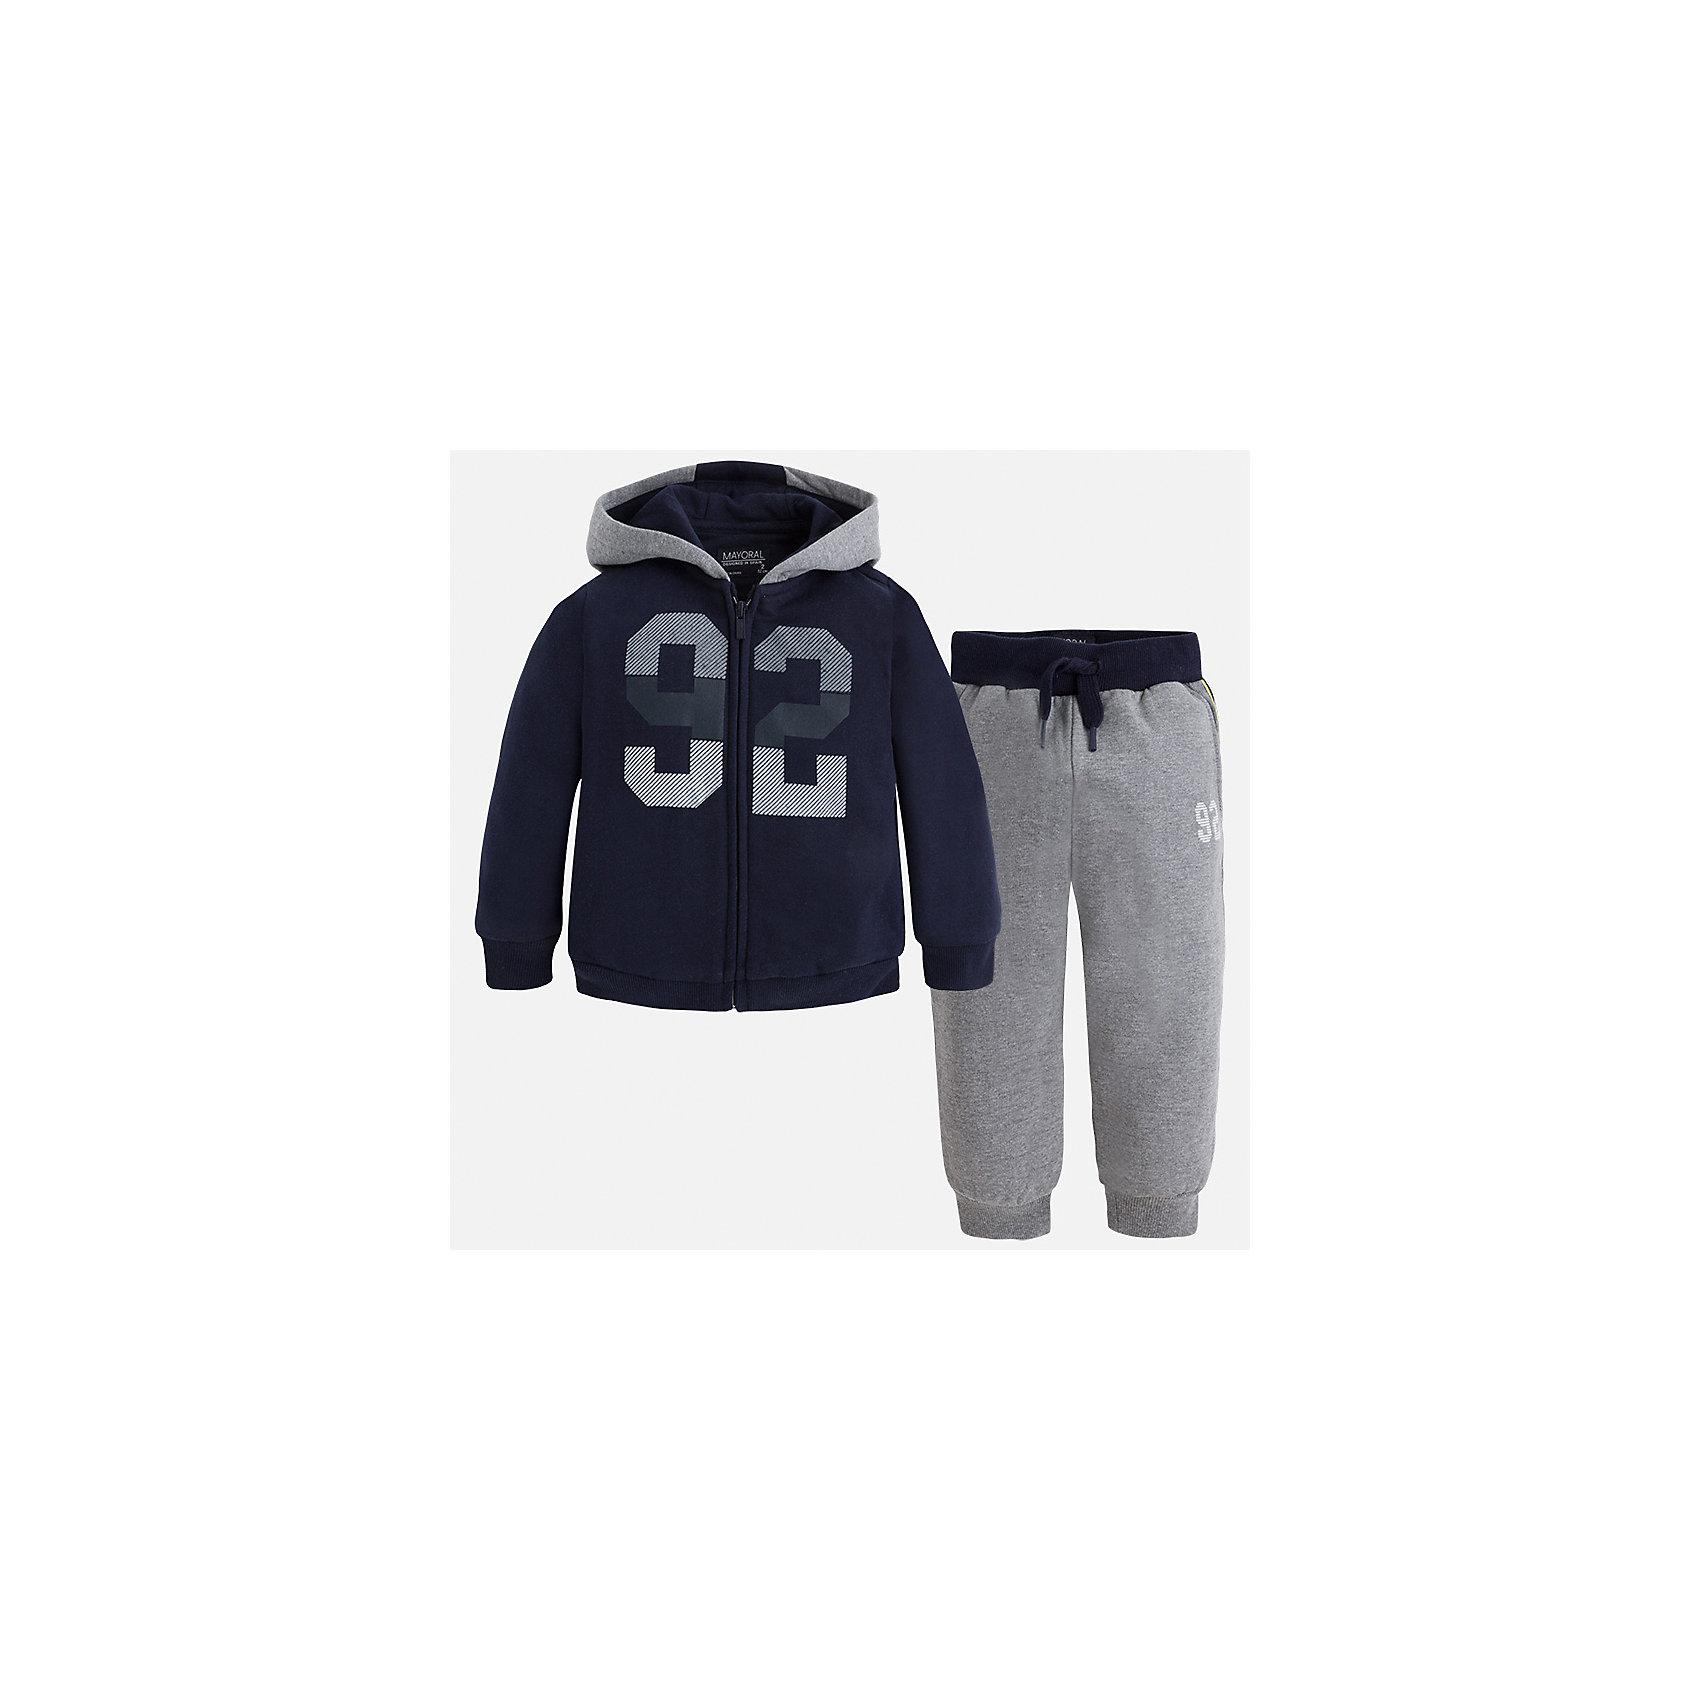 Спортивный костюм для мальчика MayoralКомплекты<br>Характеристики товара:<br><br>• цвет: темно-синий/серый<br>• состав ткани: 60% хлопок, 40% полиэстер<br>• комплектация: куртка, брюки<br>• сезон: демисезон<br>• особенности модели: спортивный стиль<br>• застежка: молния<br>• длинные рукава<br>• пояс брюк: резинка, шнурок<br>• страна бренда: Испания<br>• страна изготовитель: Индия<br><br> Такой детский комплект из спортивной курточки и брюк подойдет для занятий спортом. Отличный способ обеспечить ребенку тепло и комфорт - надеть детский спортивный костюм от Mayoral. Детский спортивный костюм сшит из приятного на ощупь материала. Спортивный костюм для мальчика Mayoral удобно сидит по фигуре.<br><br>Спортивный костюм для мальчика Mayoral (Майорал) можно купить в нашем интернет-магазине.<br><br>Ширина мм: 247<br>Глубина мм: 16<br>Высота мм: 140<br>Вес г: 225<br>Цвет: сине-серый<br>Возраст от месяцев: 96<br>Возраст до месяцев: 108<br>Пол: Мужской<br>Возраст: Детский<br>Размер: 134,92,98,104,110,116,122,128<br>SKU: 6933070